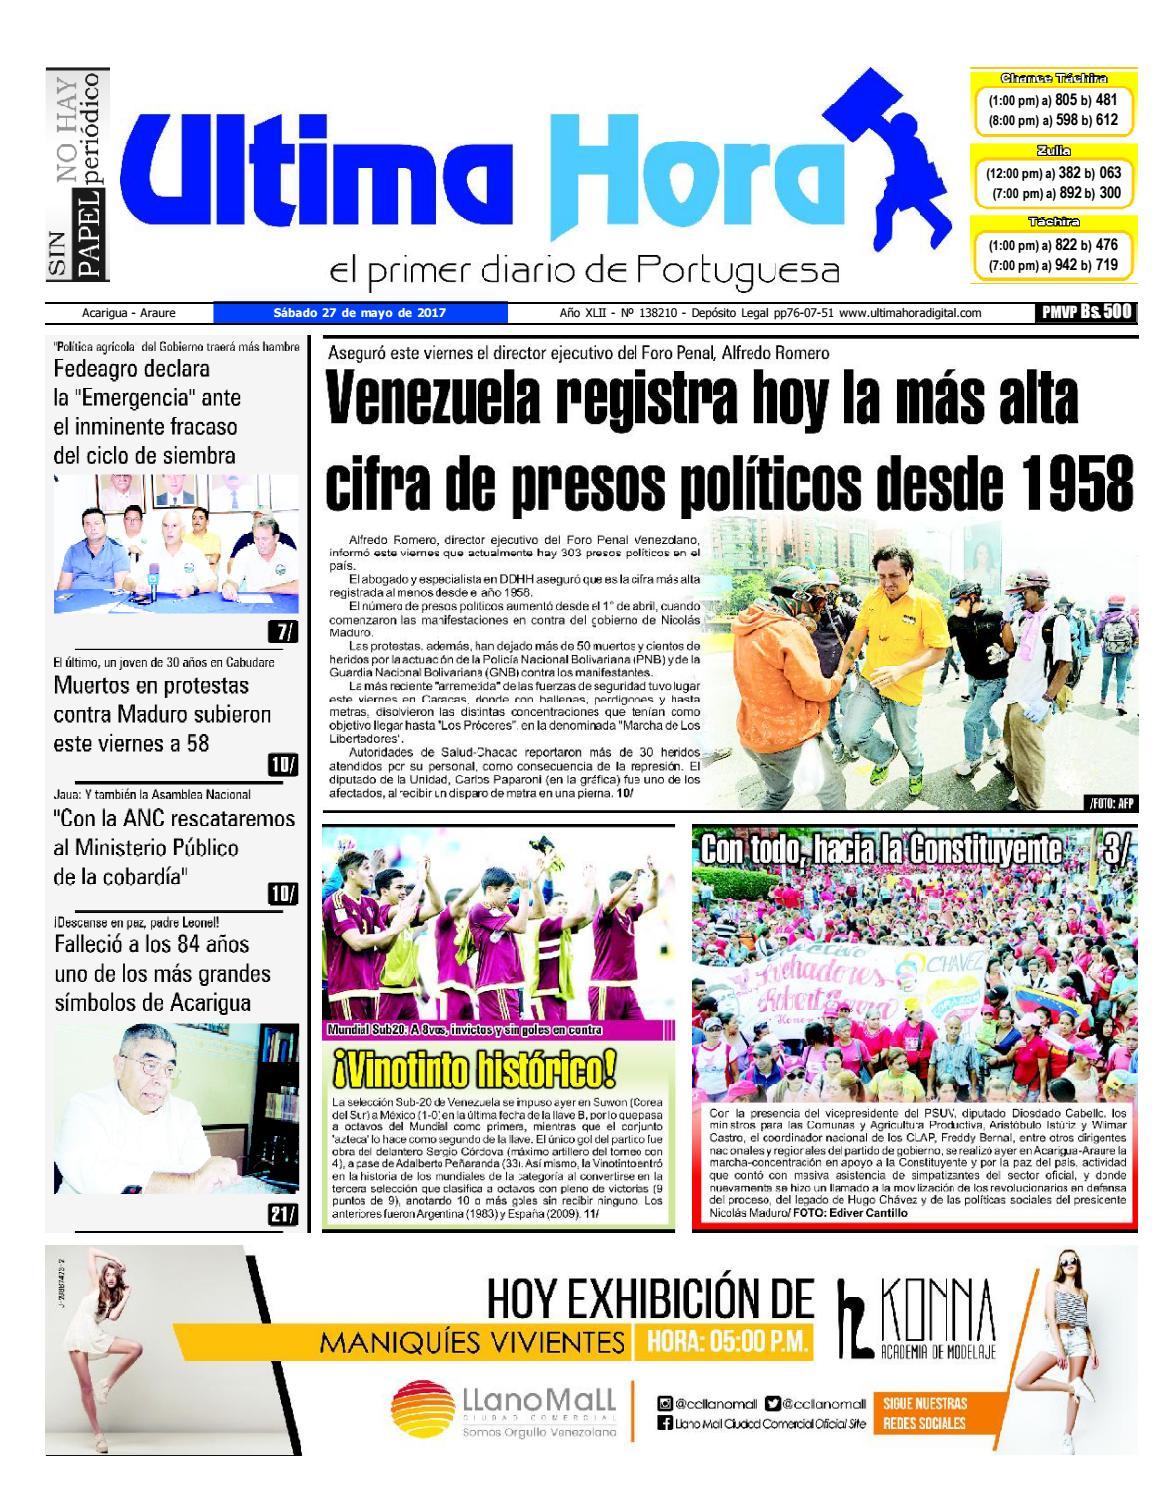 Edicion 27 05 2017 By Ultima Hora El Primer Diario De Portuguesa Issuu